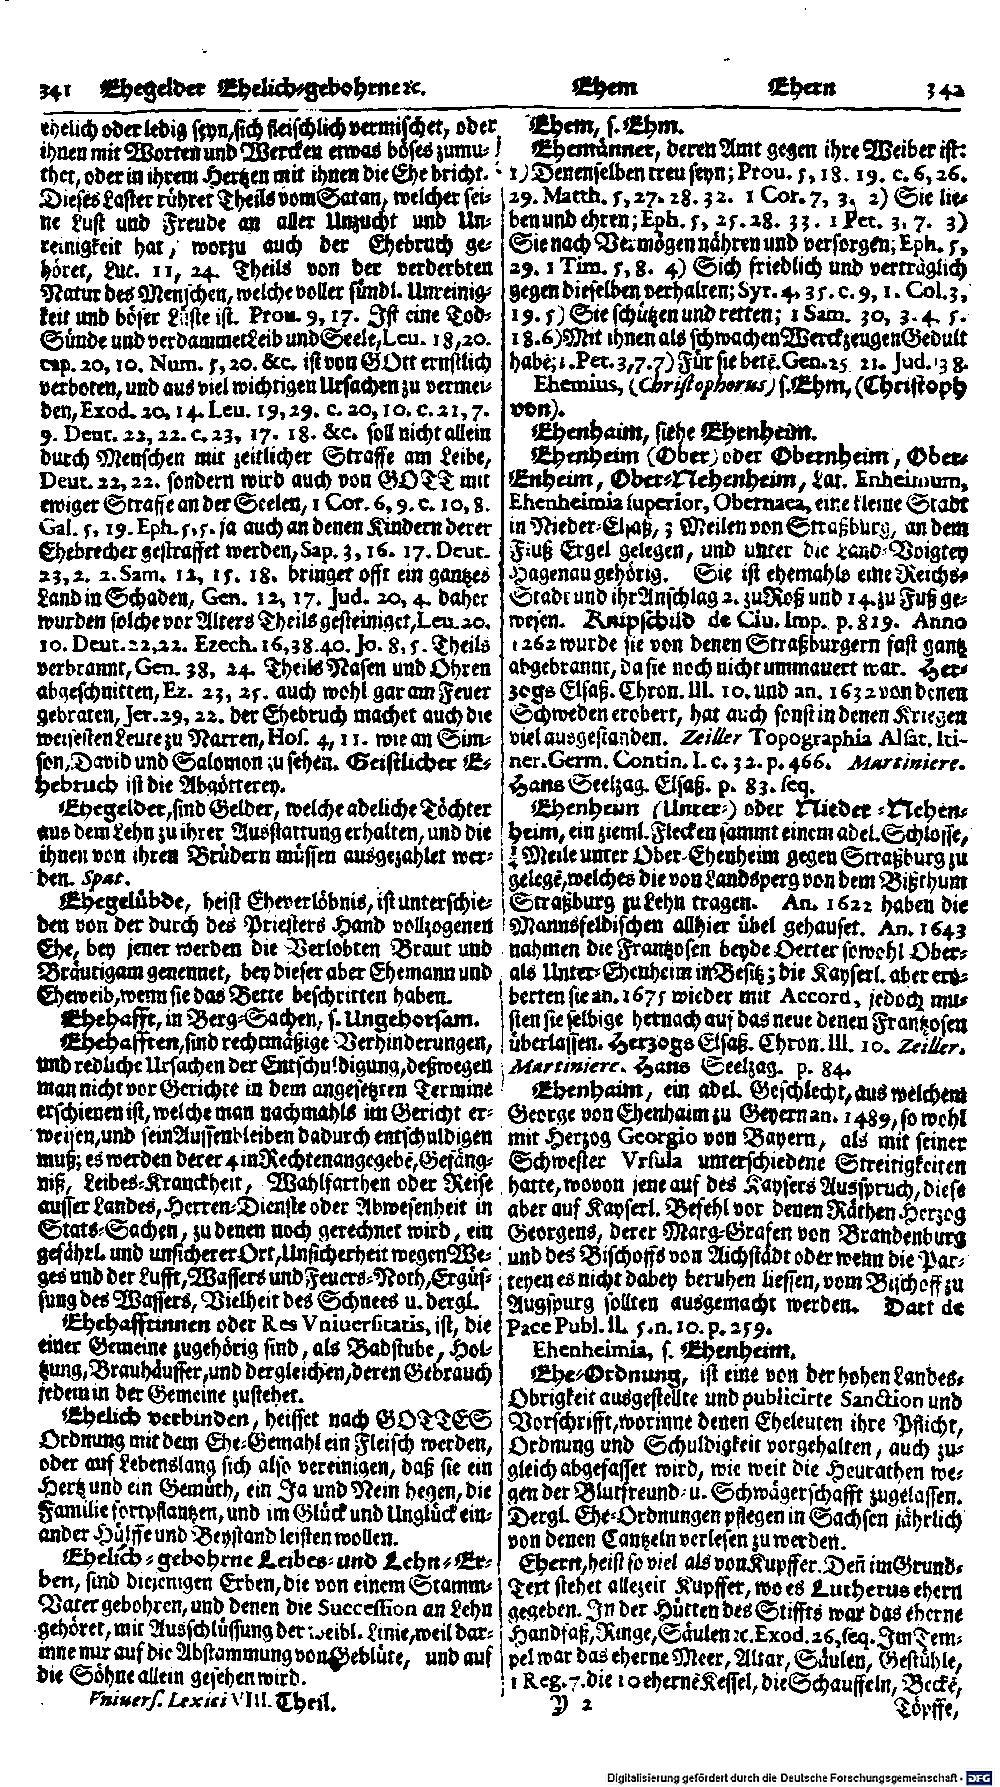 Bd. 8, Seite 0186.